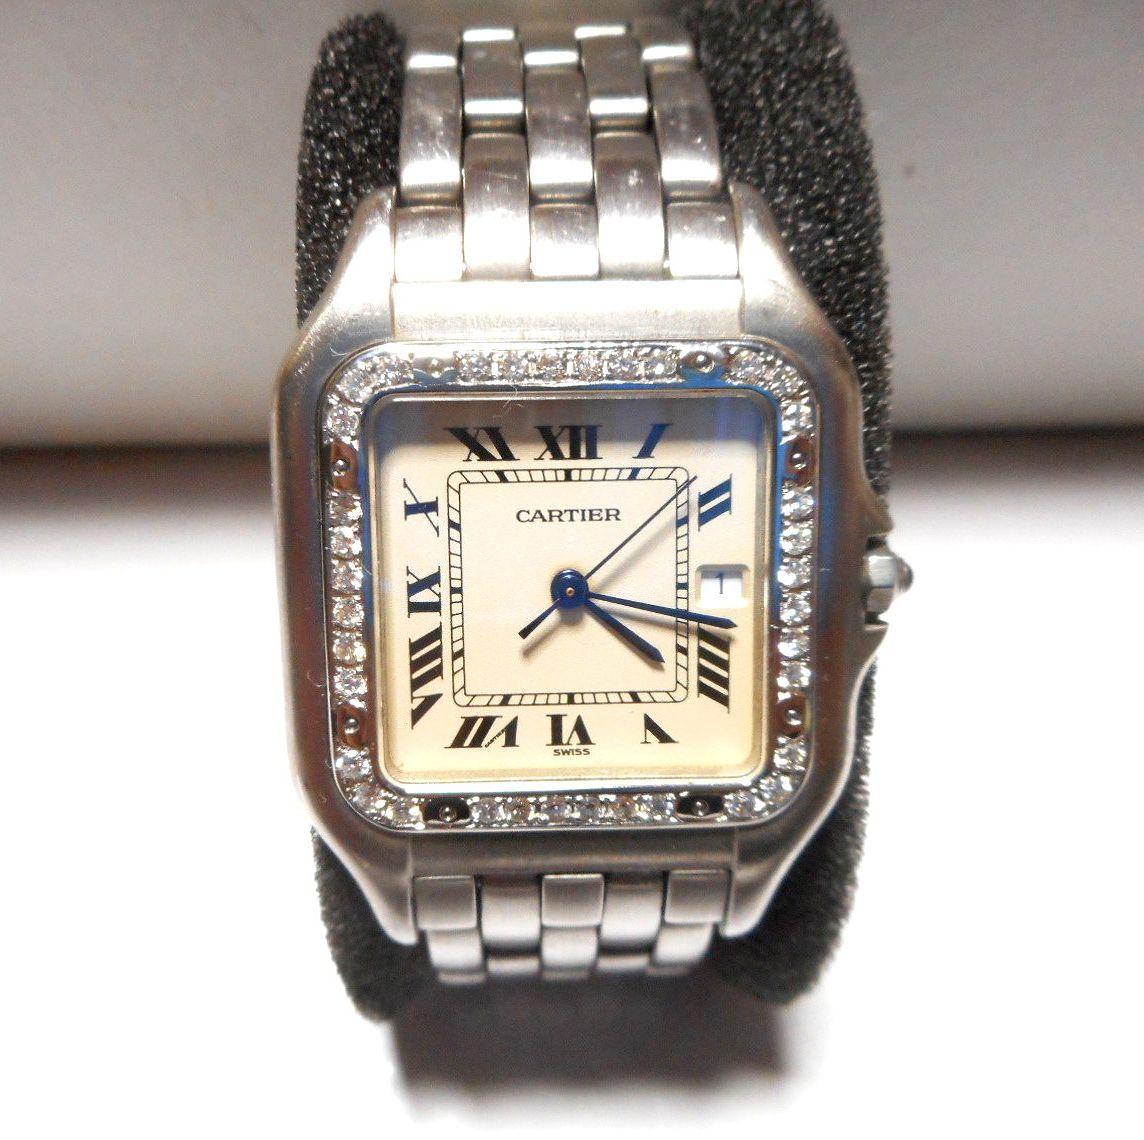 カルティエ Cartier サントス SM ベゼル アフターダイヤ加工いたします ドゥモワゼルSM 2698 WF902005 750WG ガルベ WF9003Y8 パンサー 2_画像5